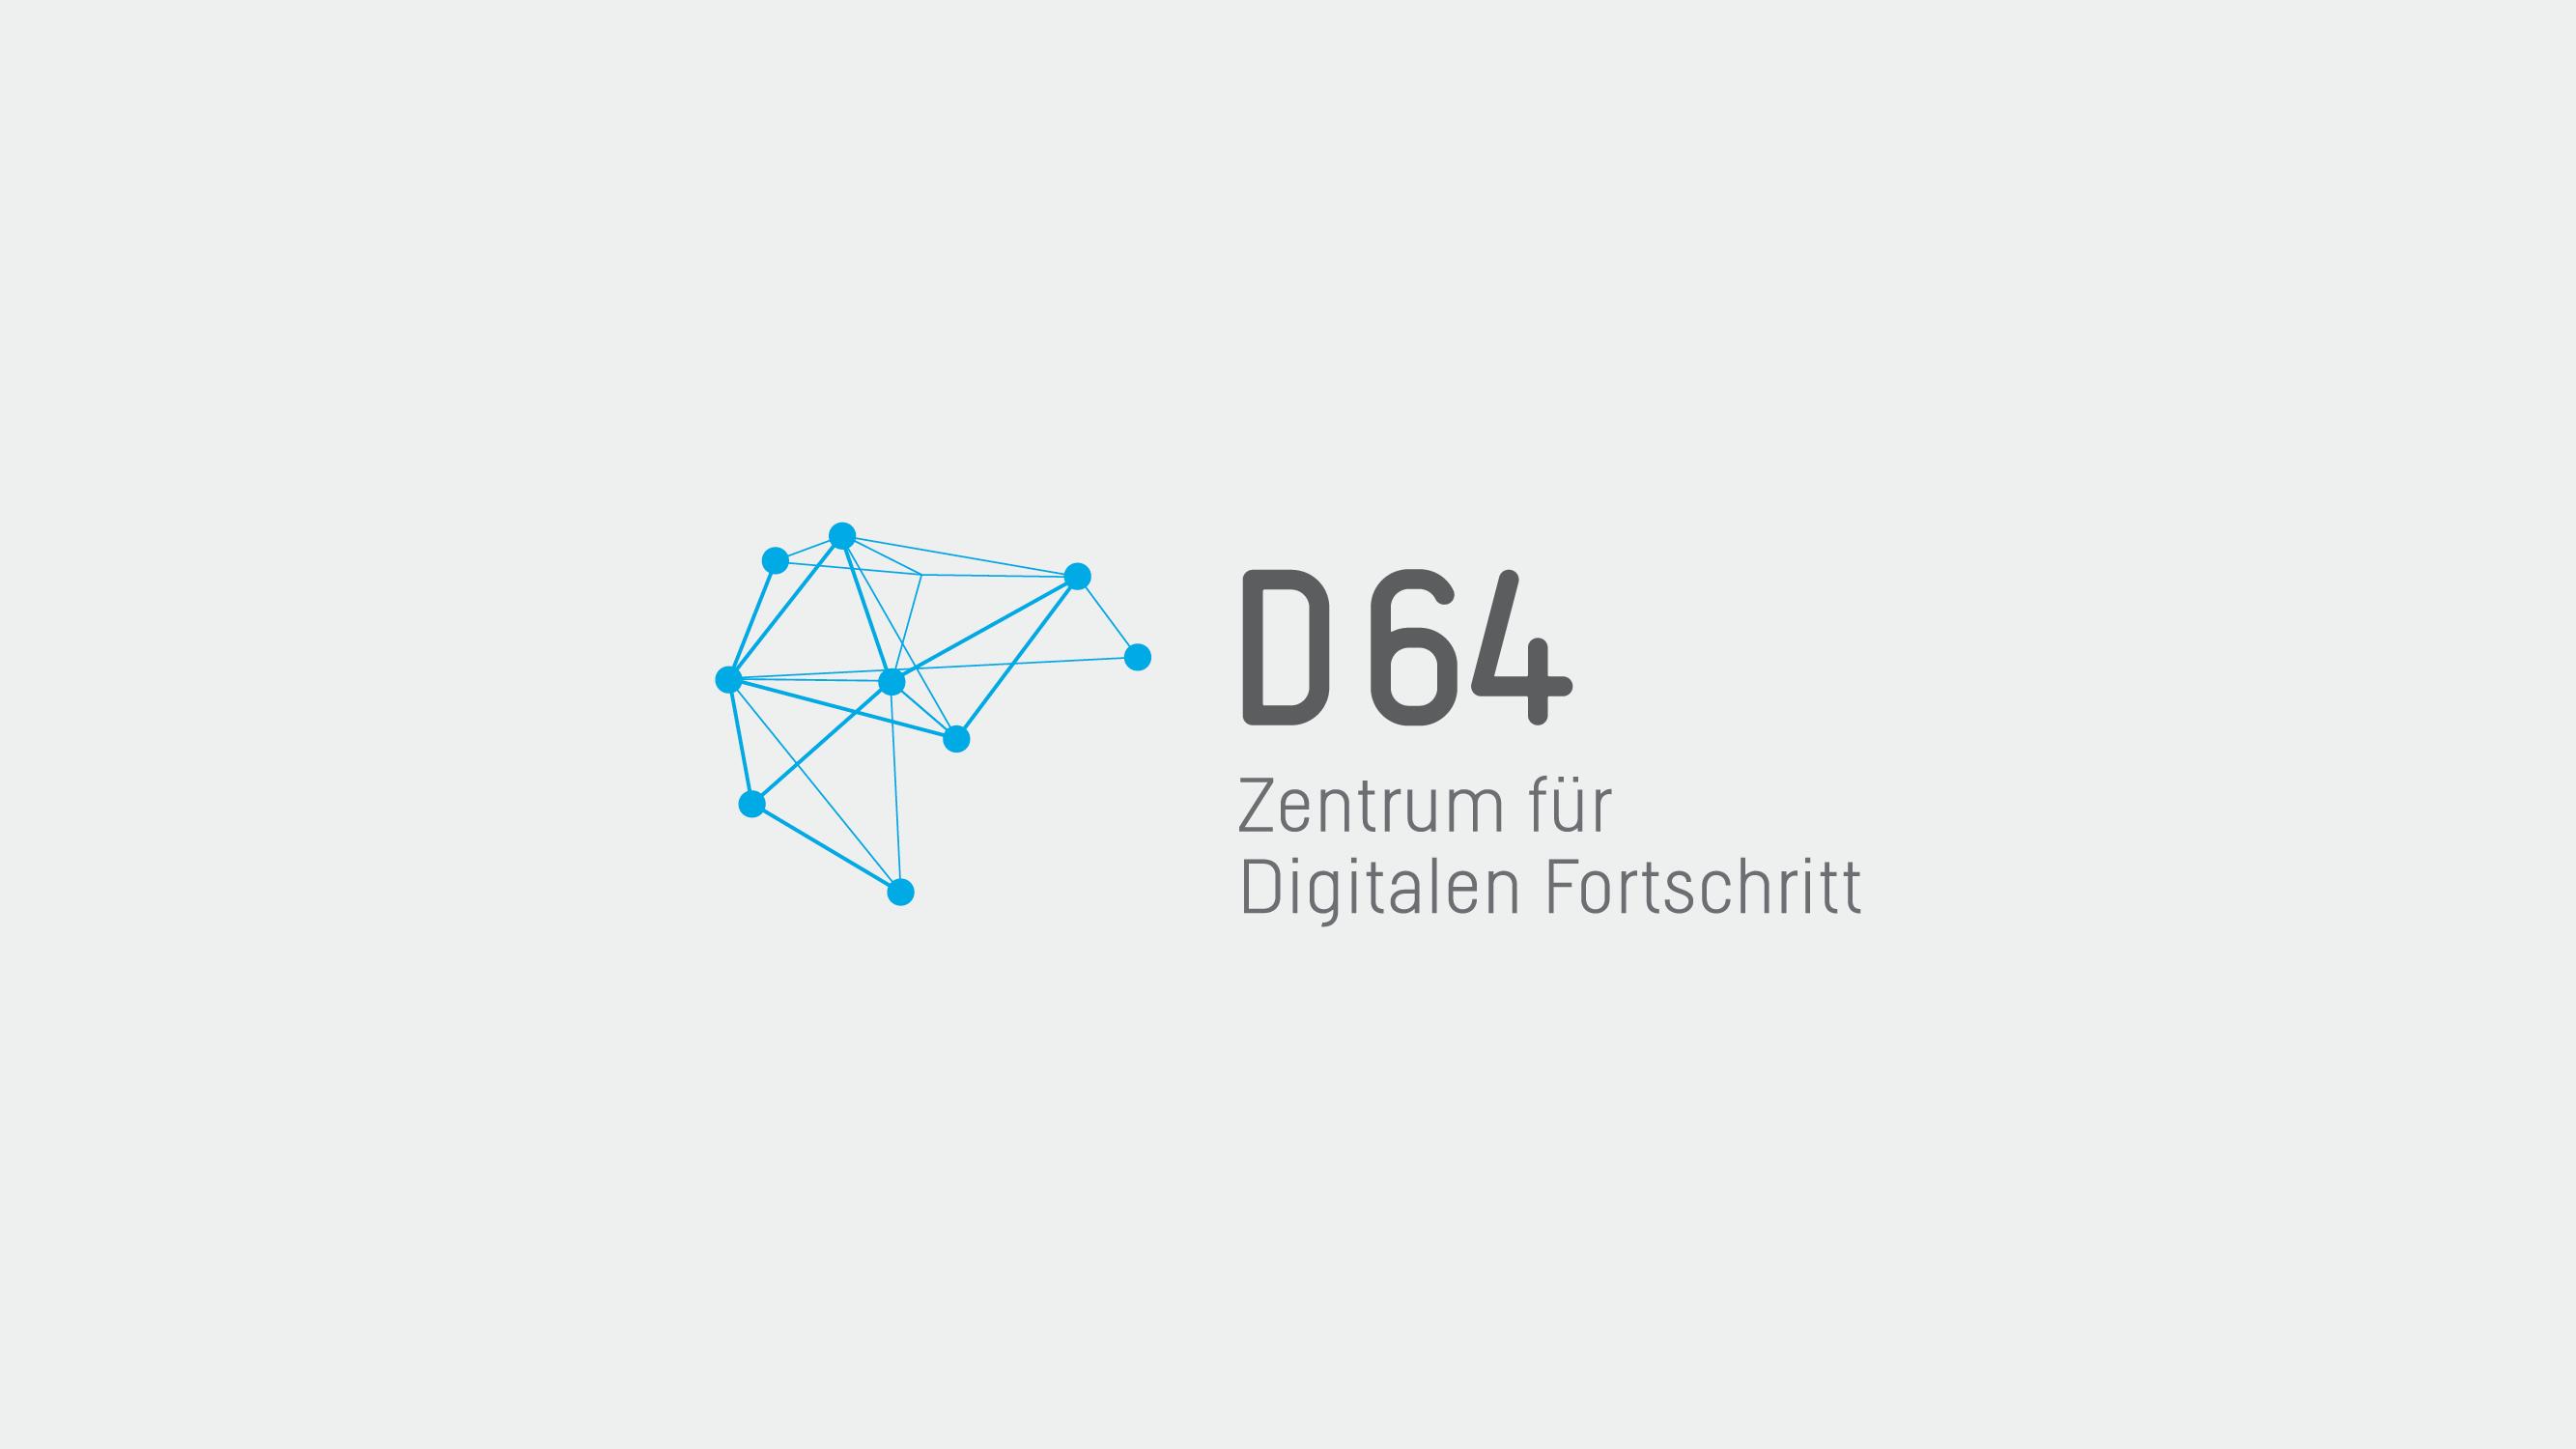 Livestream vom D64 Neujahrsempfang in Berlin, Urheberrecht im digitalen Zeitalter